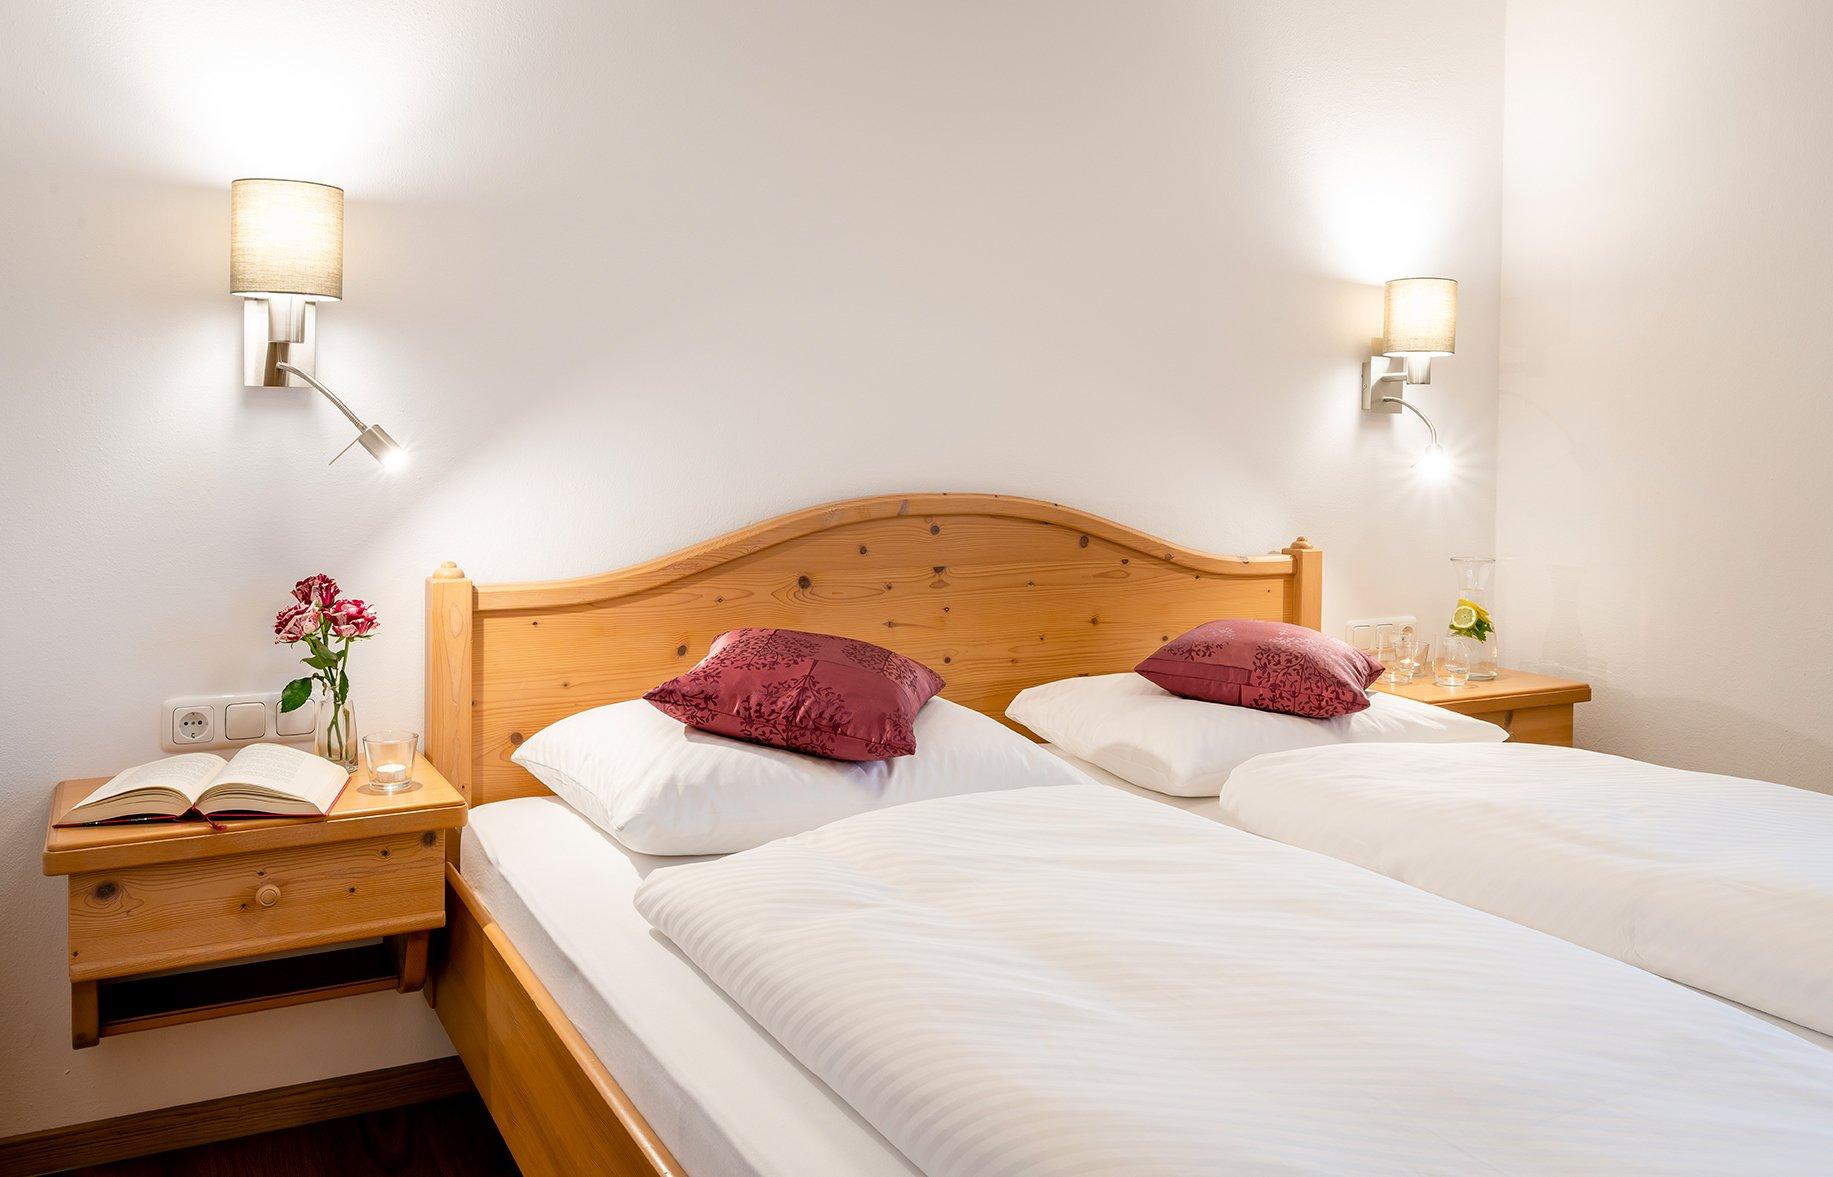 Wohnzimmer Beispiel (Wohnung 5)